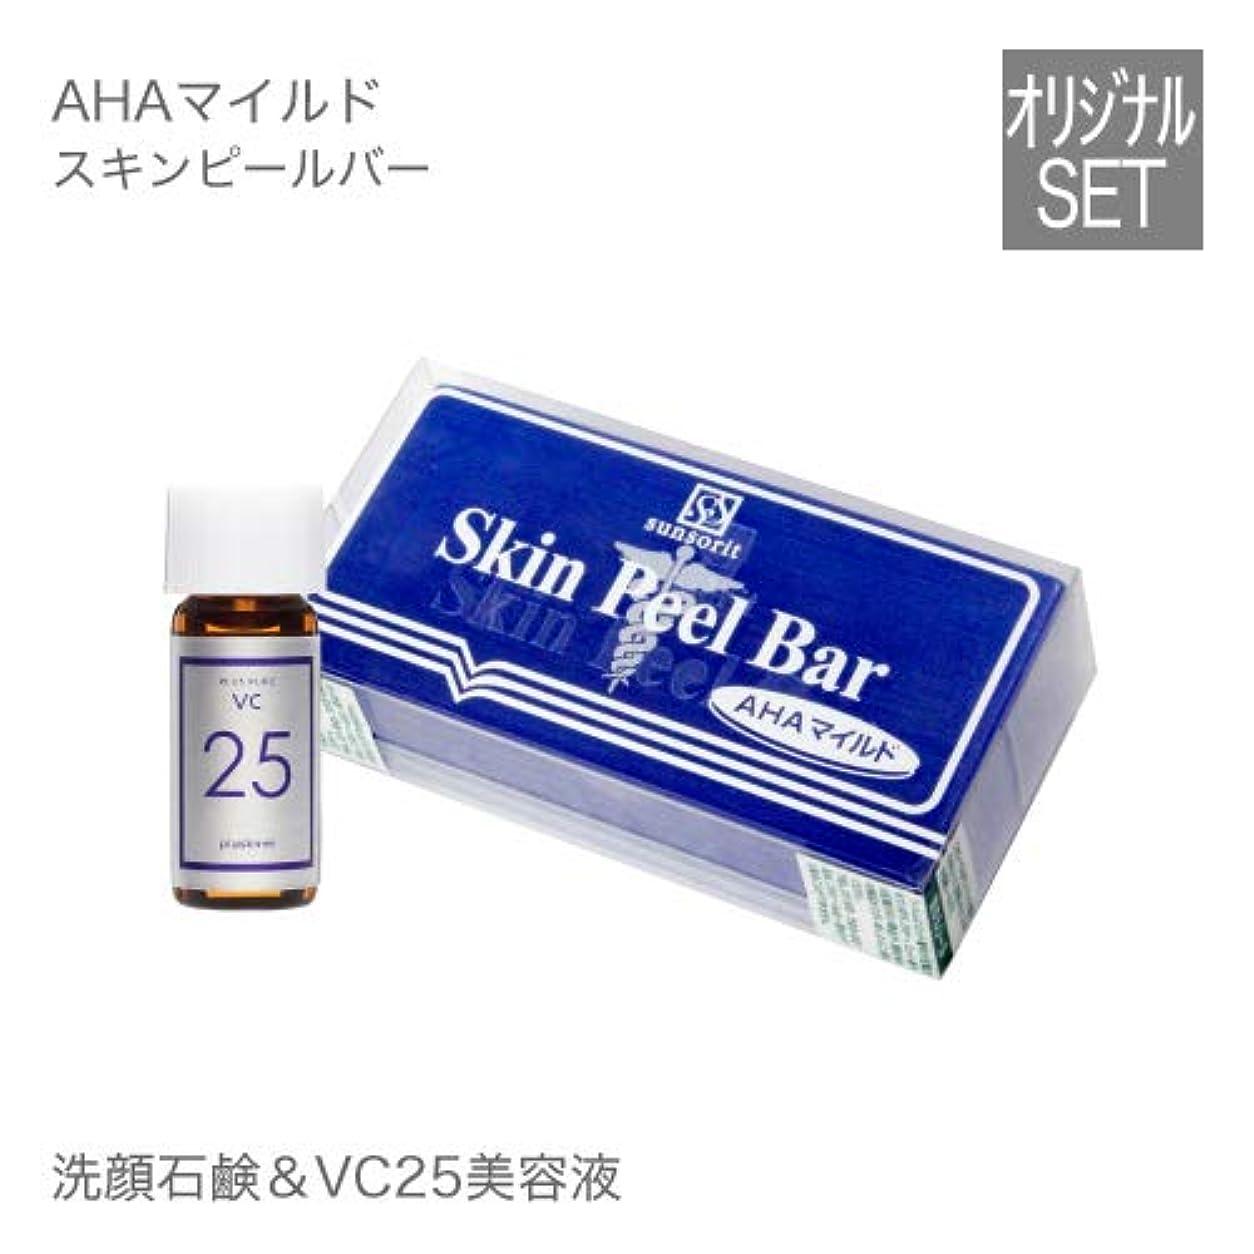 ハック不運拮抗サンソリット スキンピールバー AHAマイルド + ピュア ビタミンC 美容液 プラスキレイ プラスピュアVC25 ミニ